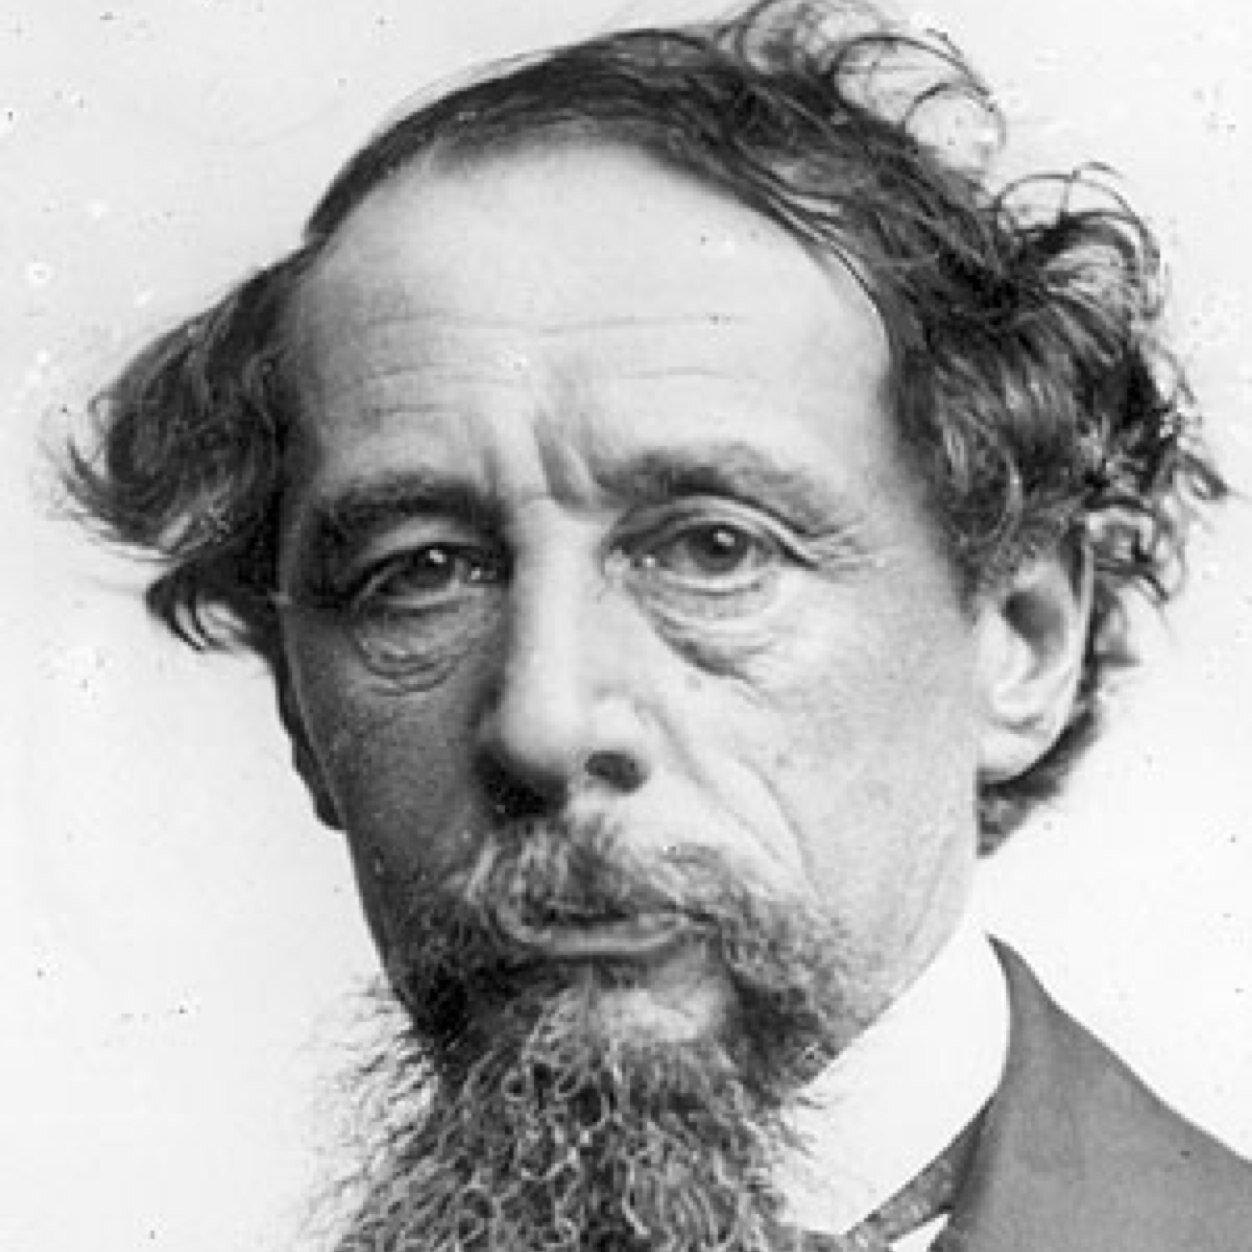 Éxito por Charles Dickens